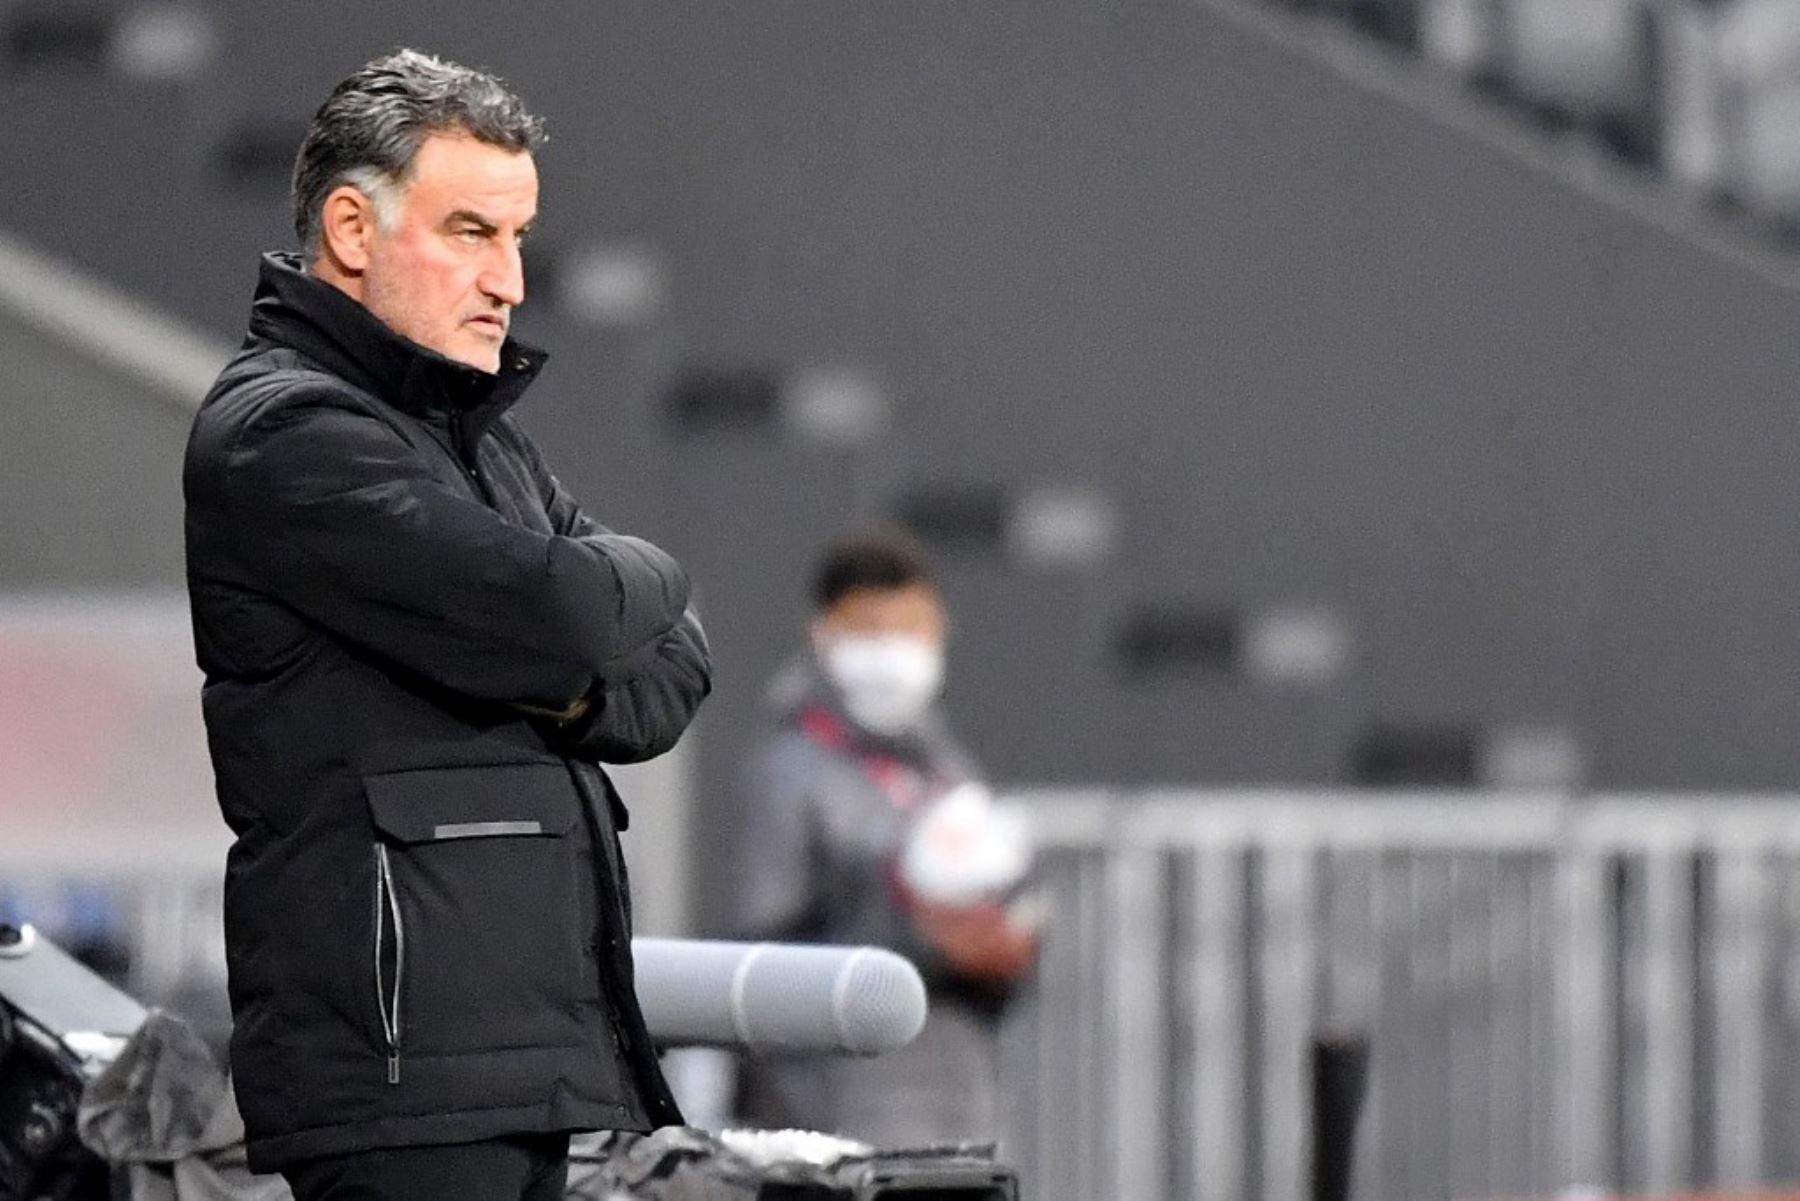 El entrenador francés de Lille, Christophe Galtier, se encuentra en la sidleine durante el partido de fútbol francés L1 entre Lille LOSC y Montpellier Herault SC en el estadio Pierre-Mauroy en Villeneuve-d